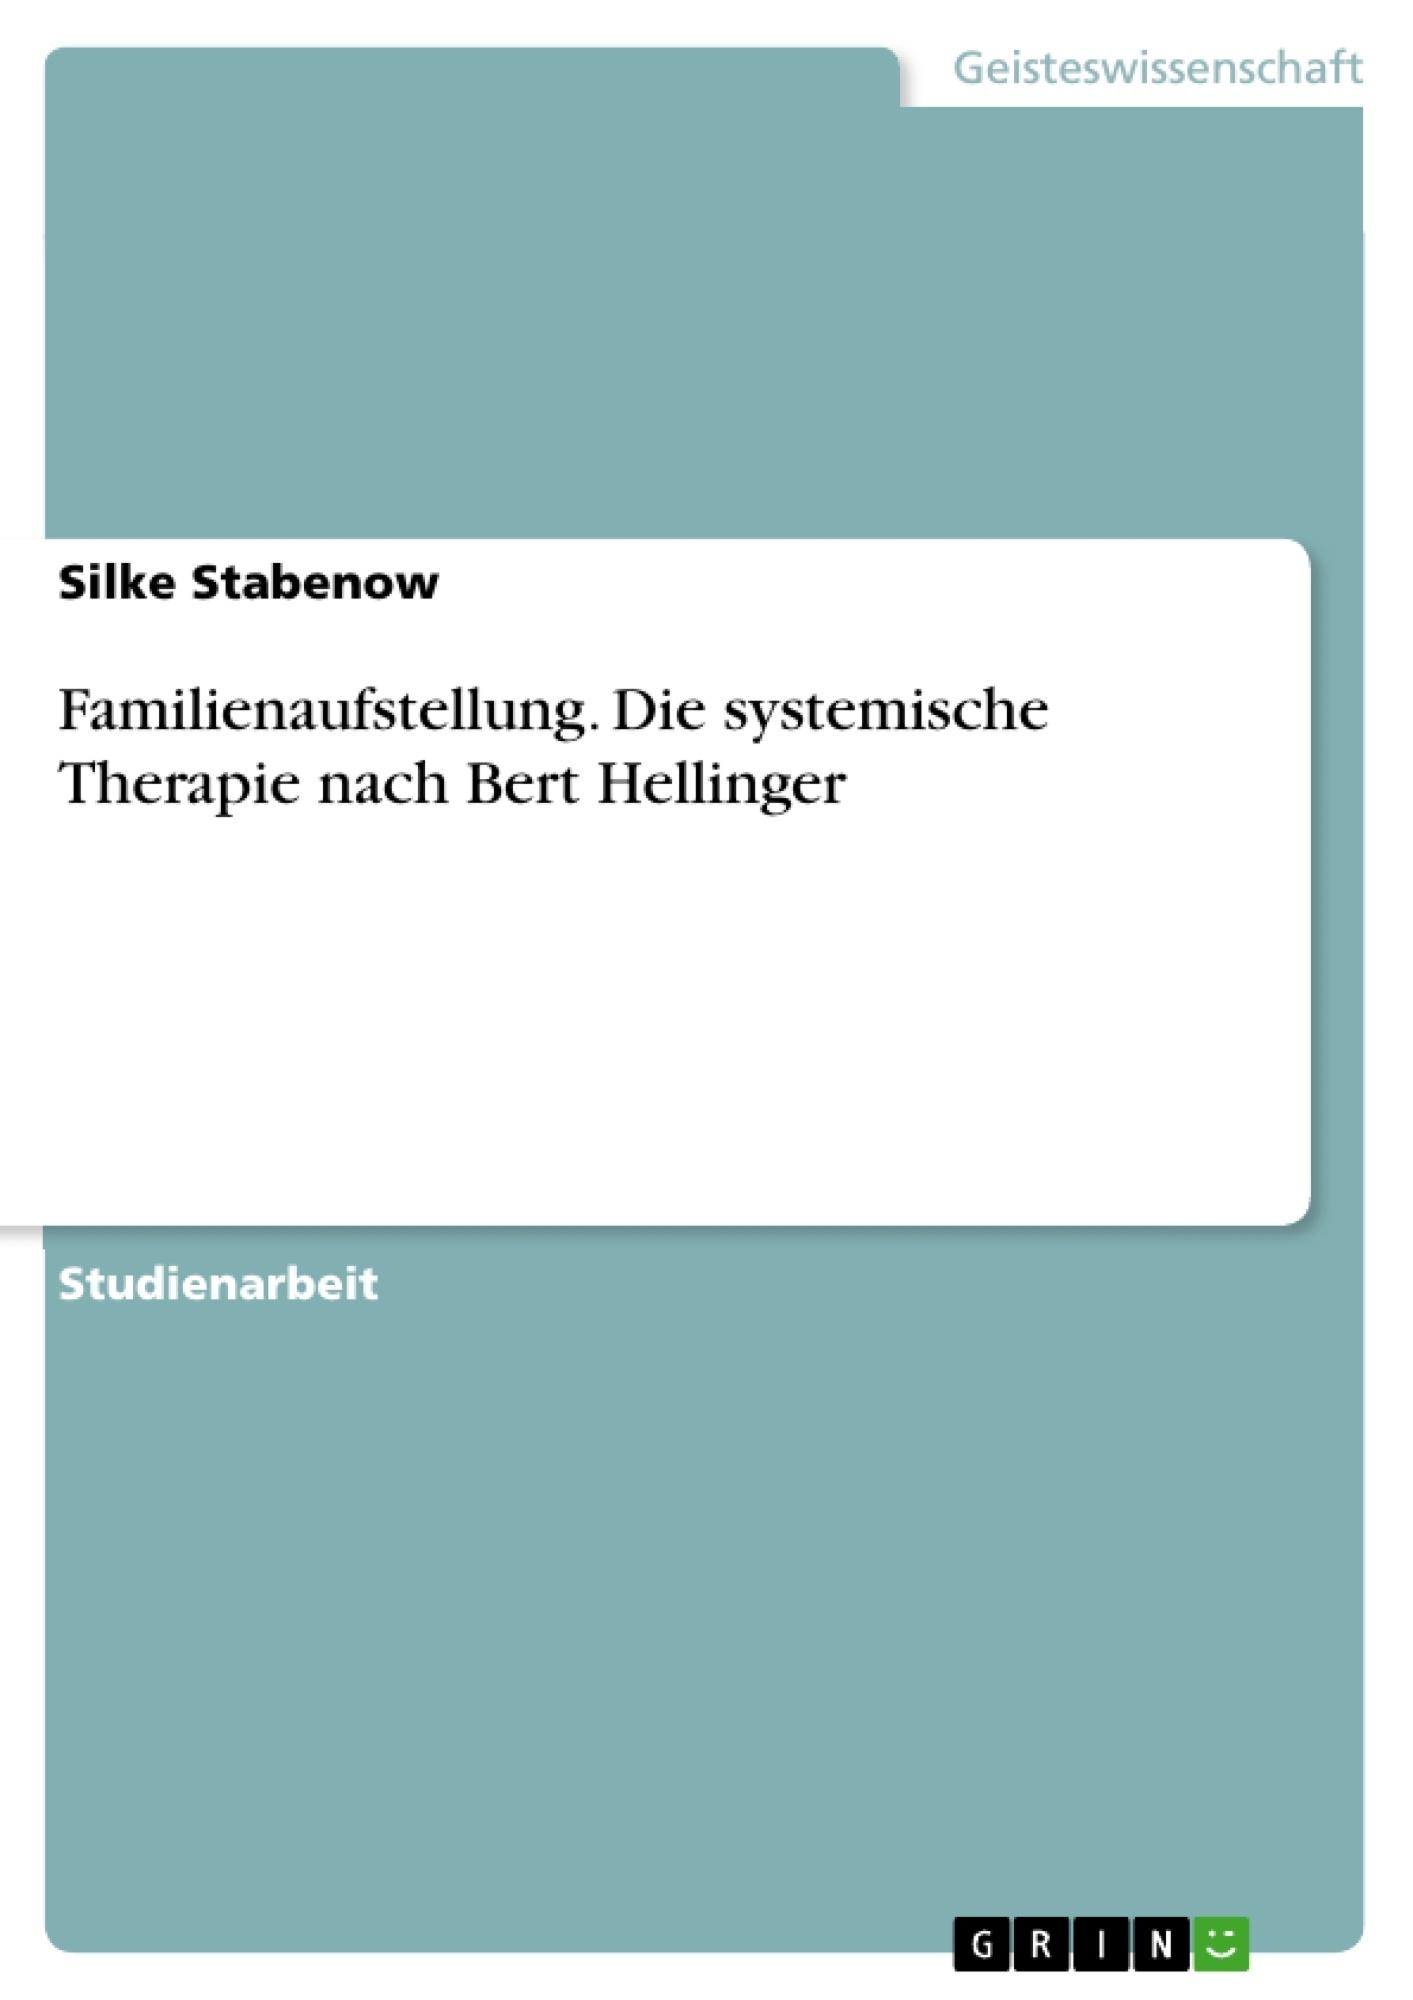 Titel: Familienaufstellung. Die systemische Therapie nach Bert Hellinger